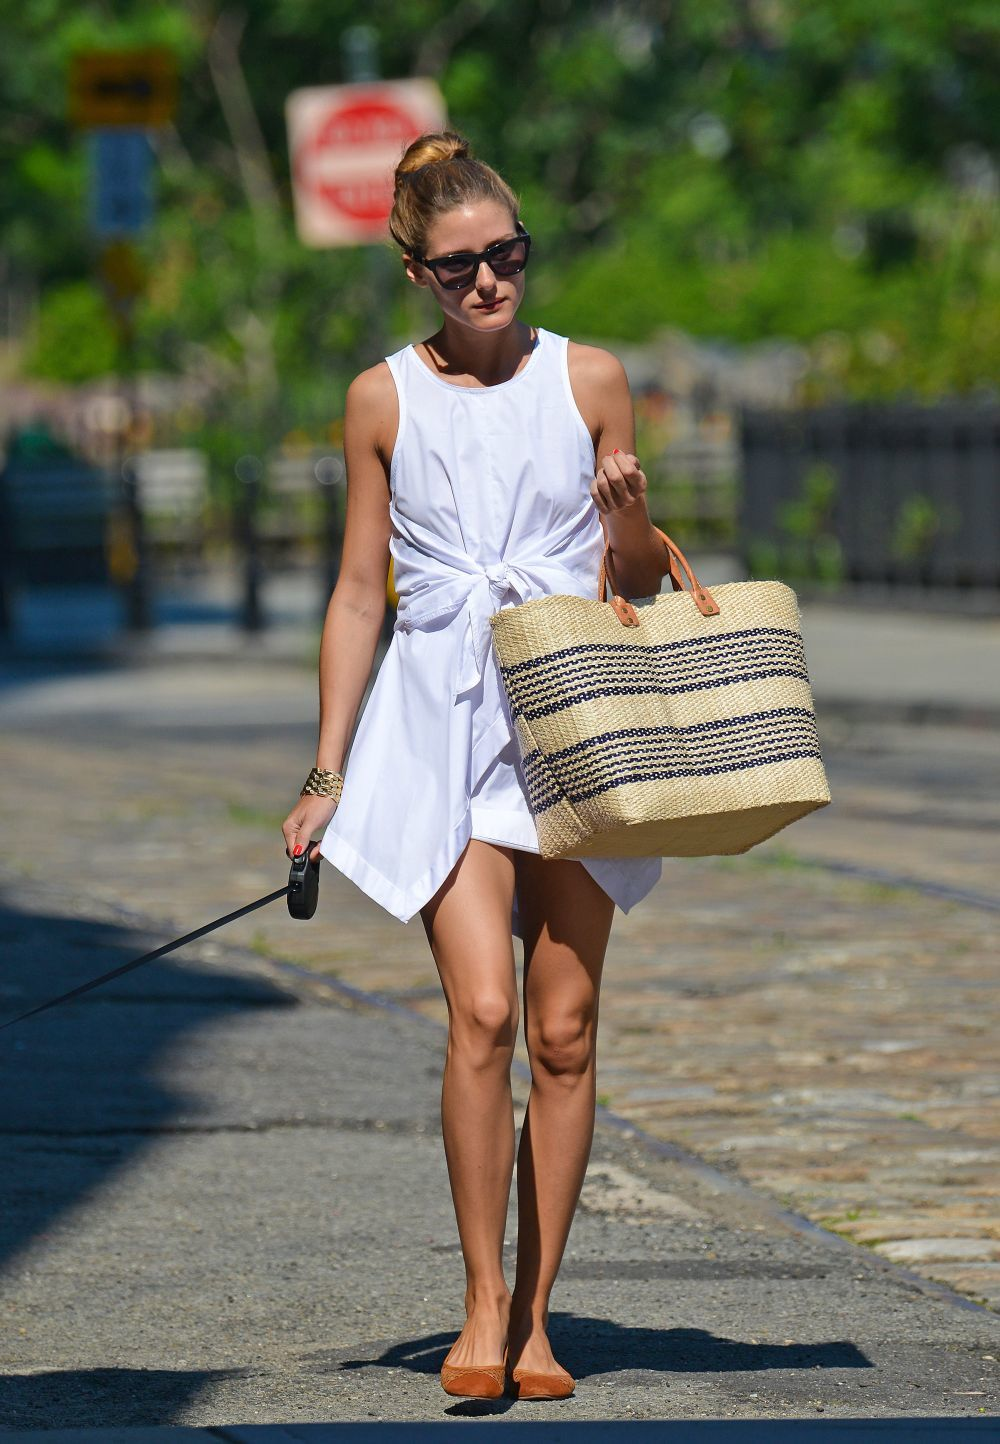 El perfecto look del verano lo tiene Olivia Palermo, tomamos nota.